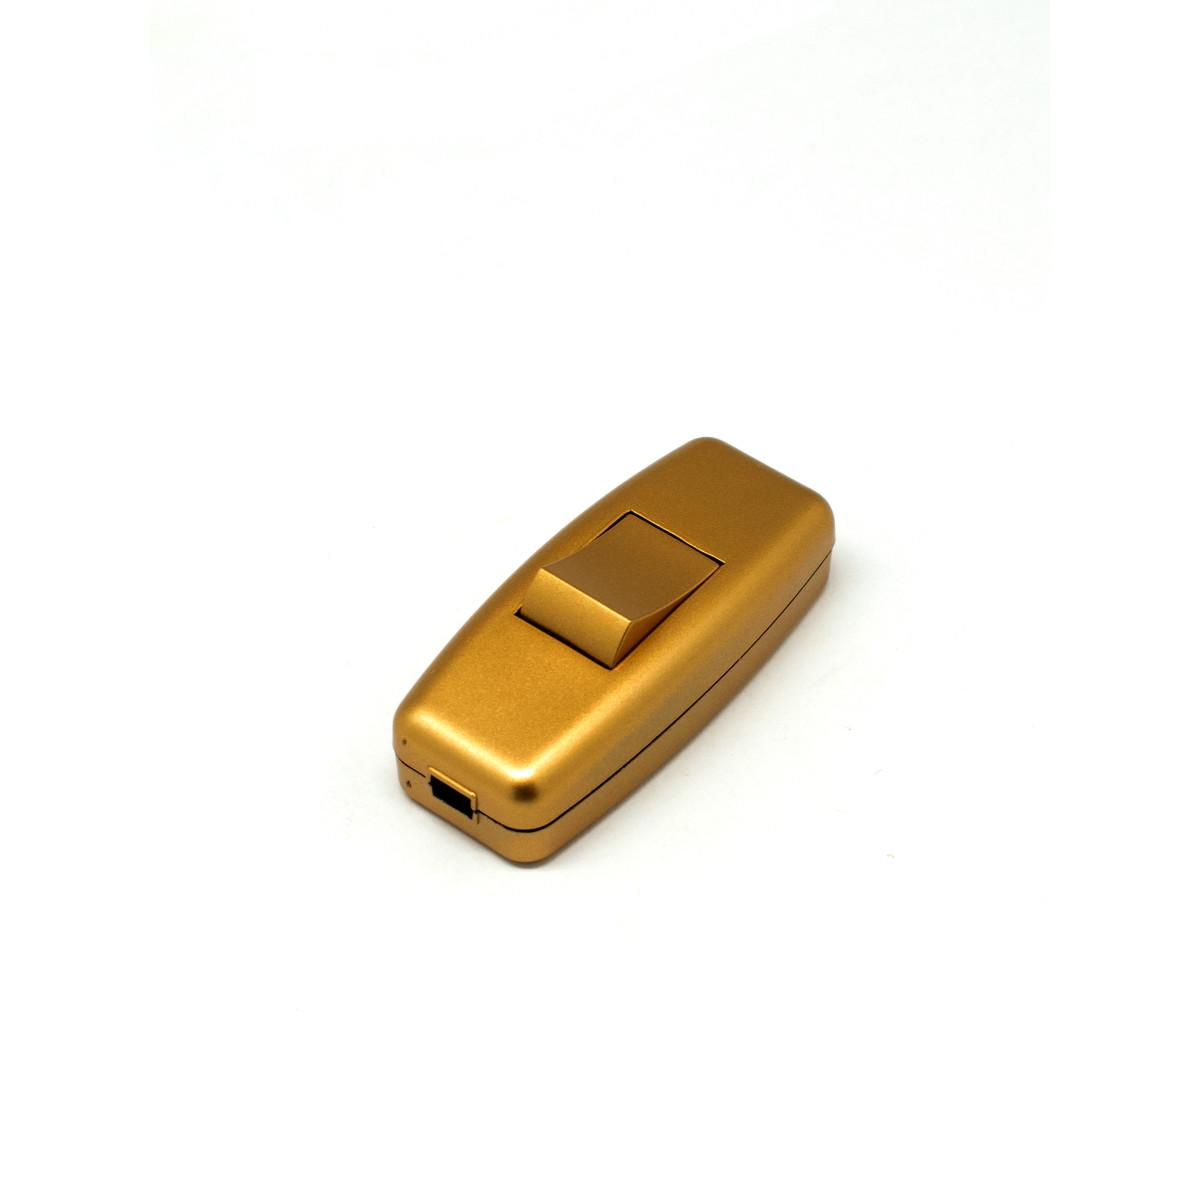 Выключатель Oxion проходной цвет золотой